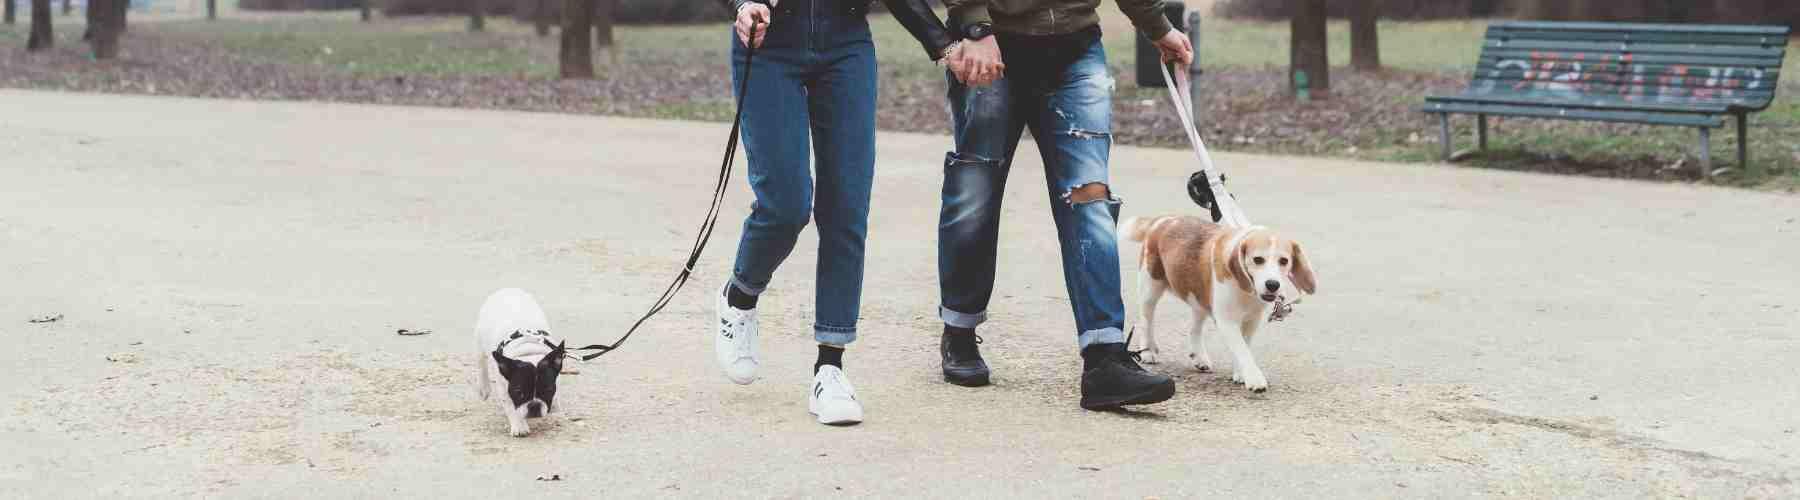 Passive Income College Students - Walk Dogs